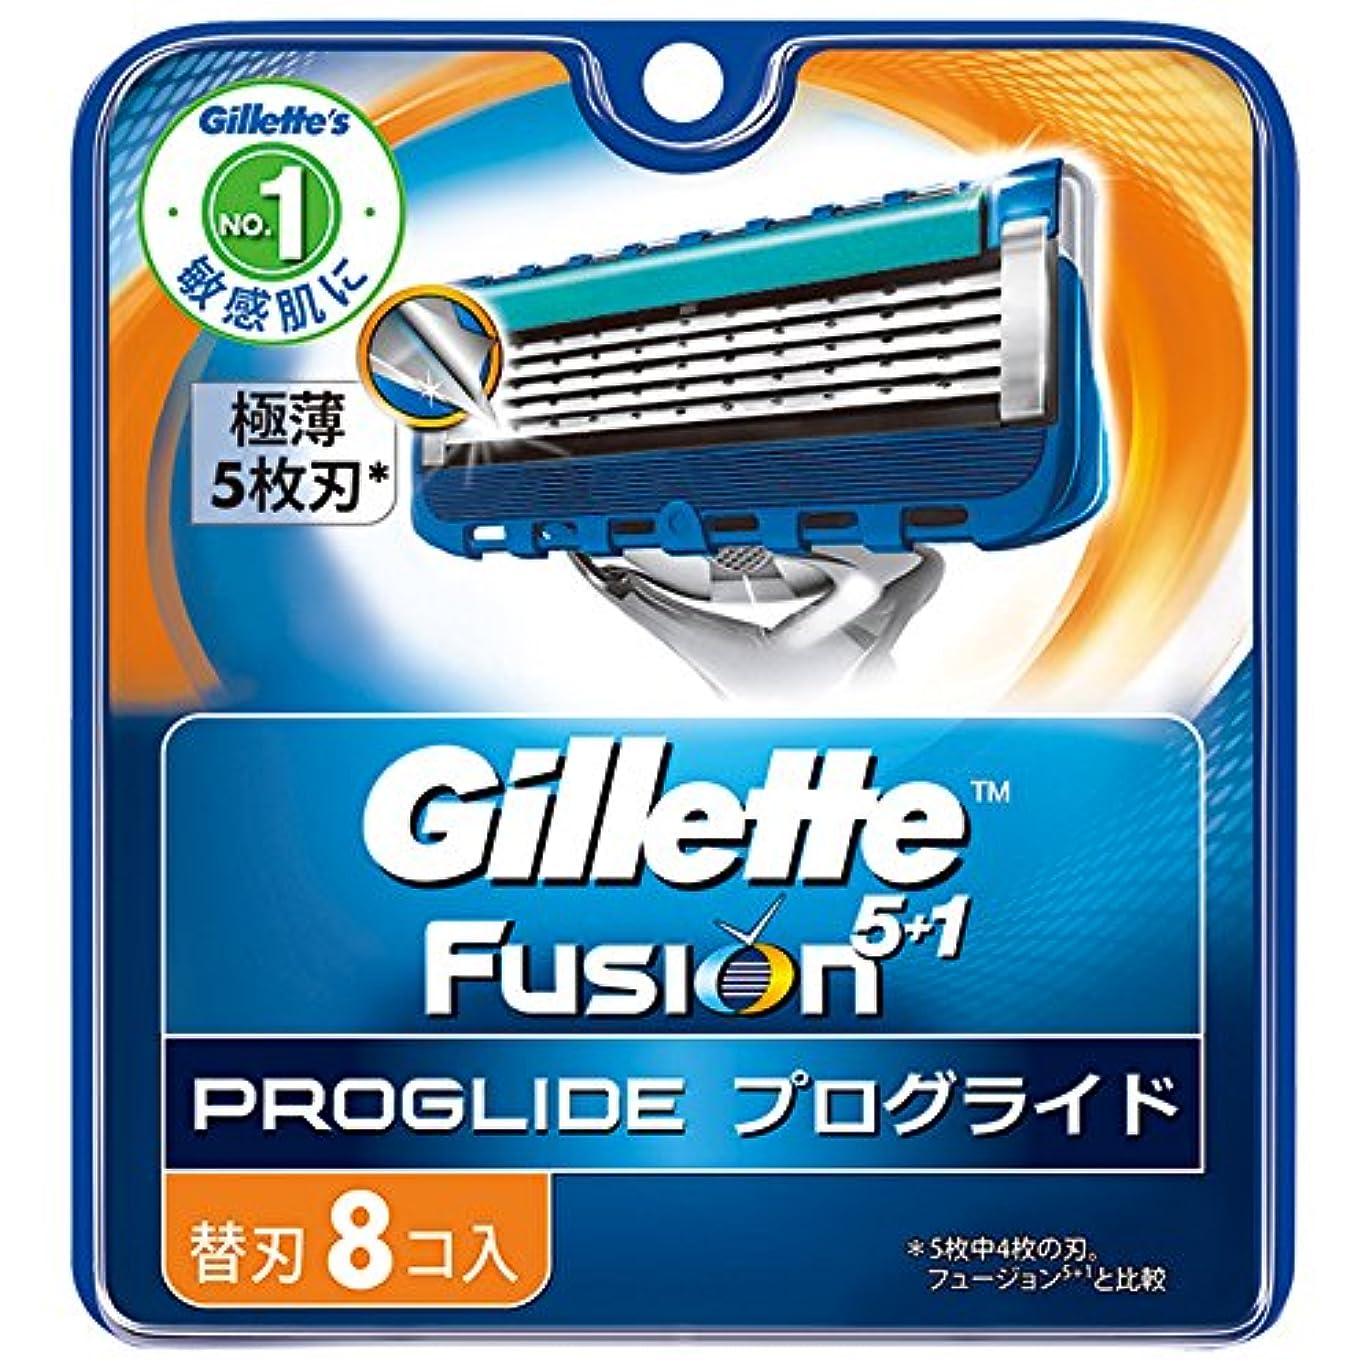 滴下議会鎮痛剤ジレット 髭剃り プログライド フレックスボール マニュアル 替刃8個入